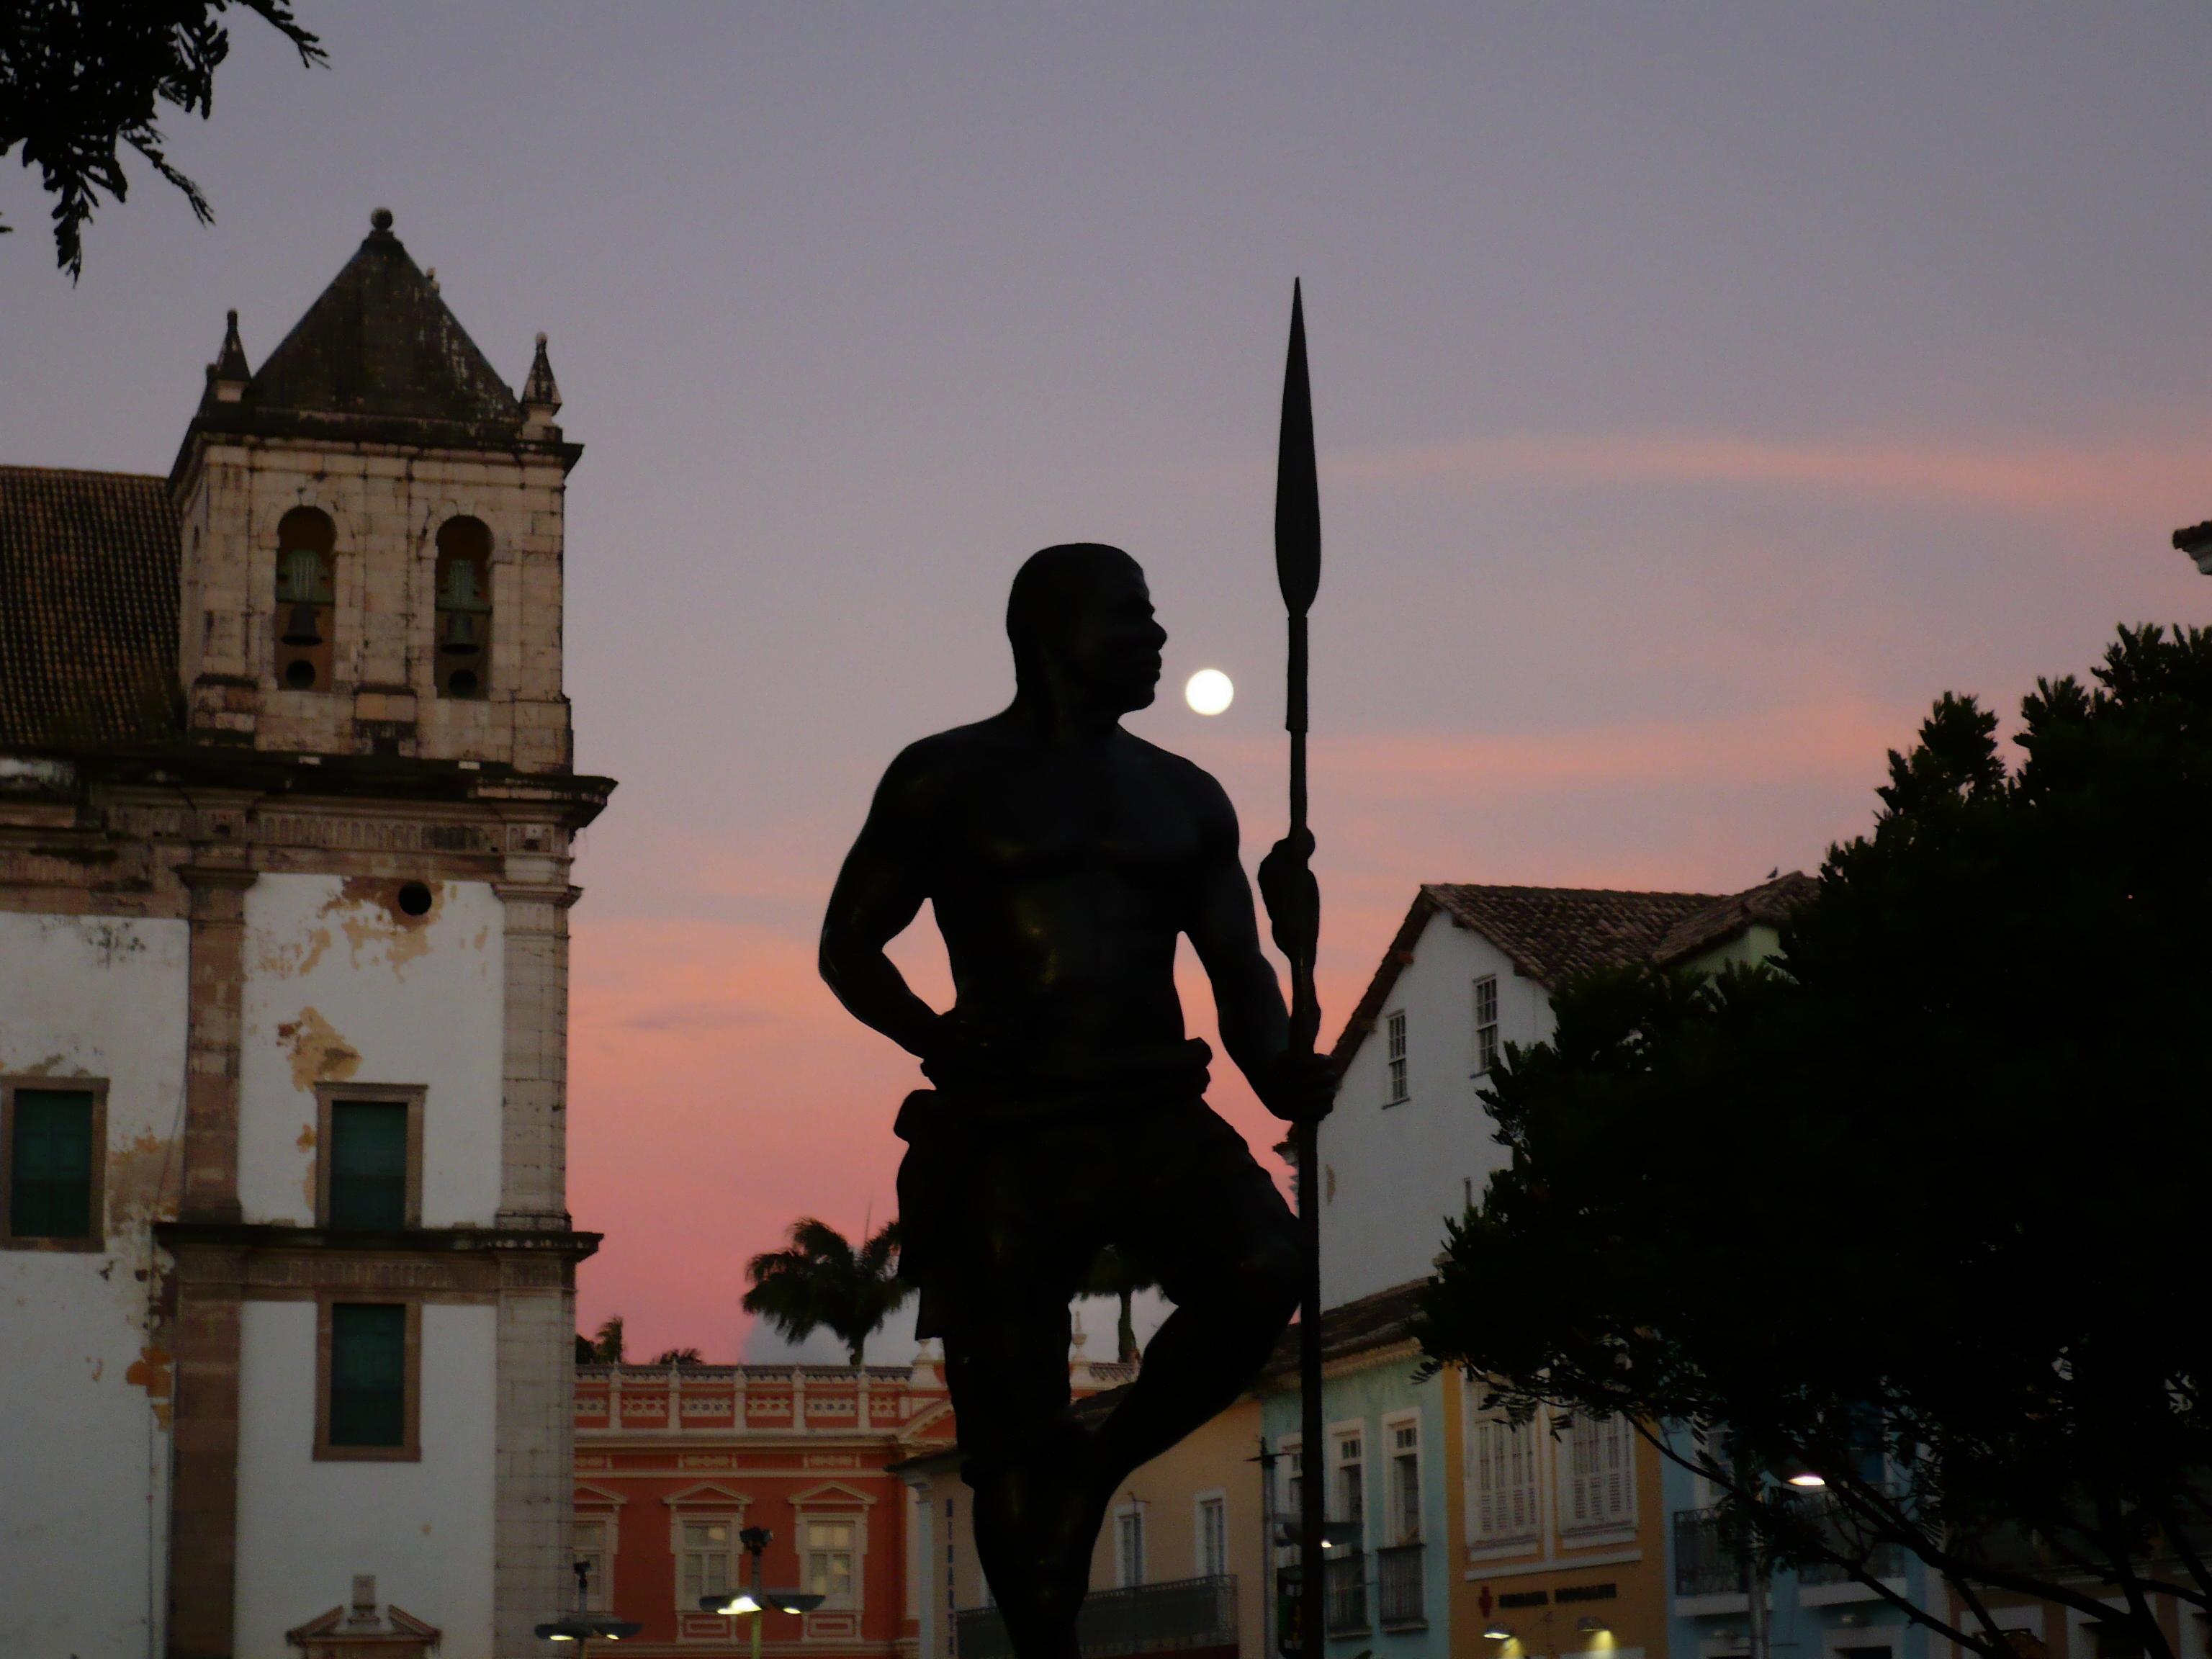 Escultura em bronze de Zumbi dos Palmares, herói da resistência negra contra a escravidão brasileira, instalada na Praça de Sé, em Salvador-BA